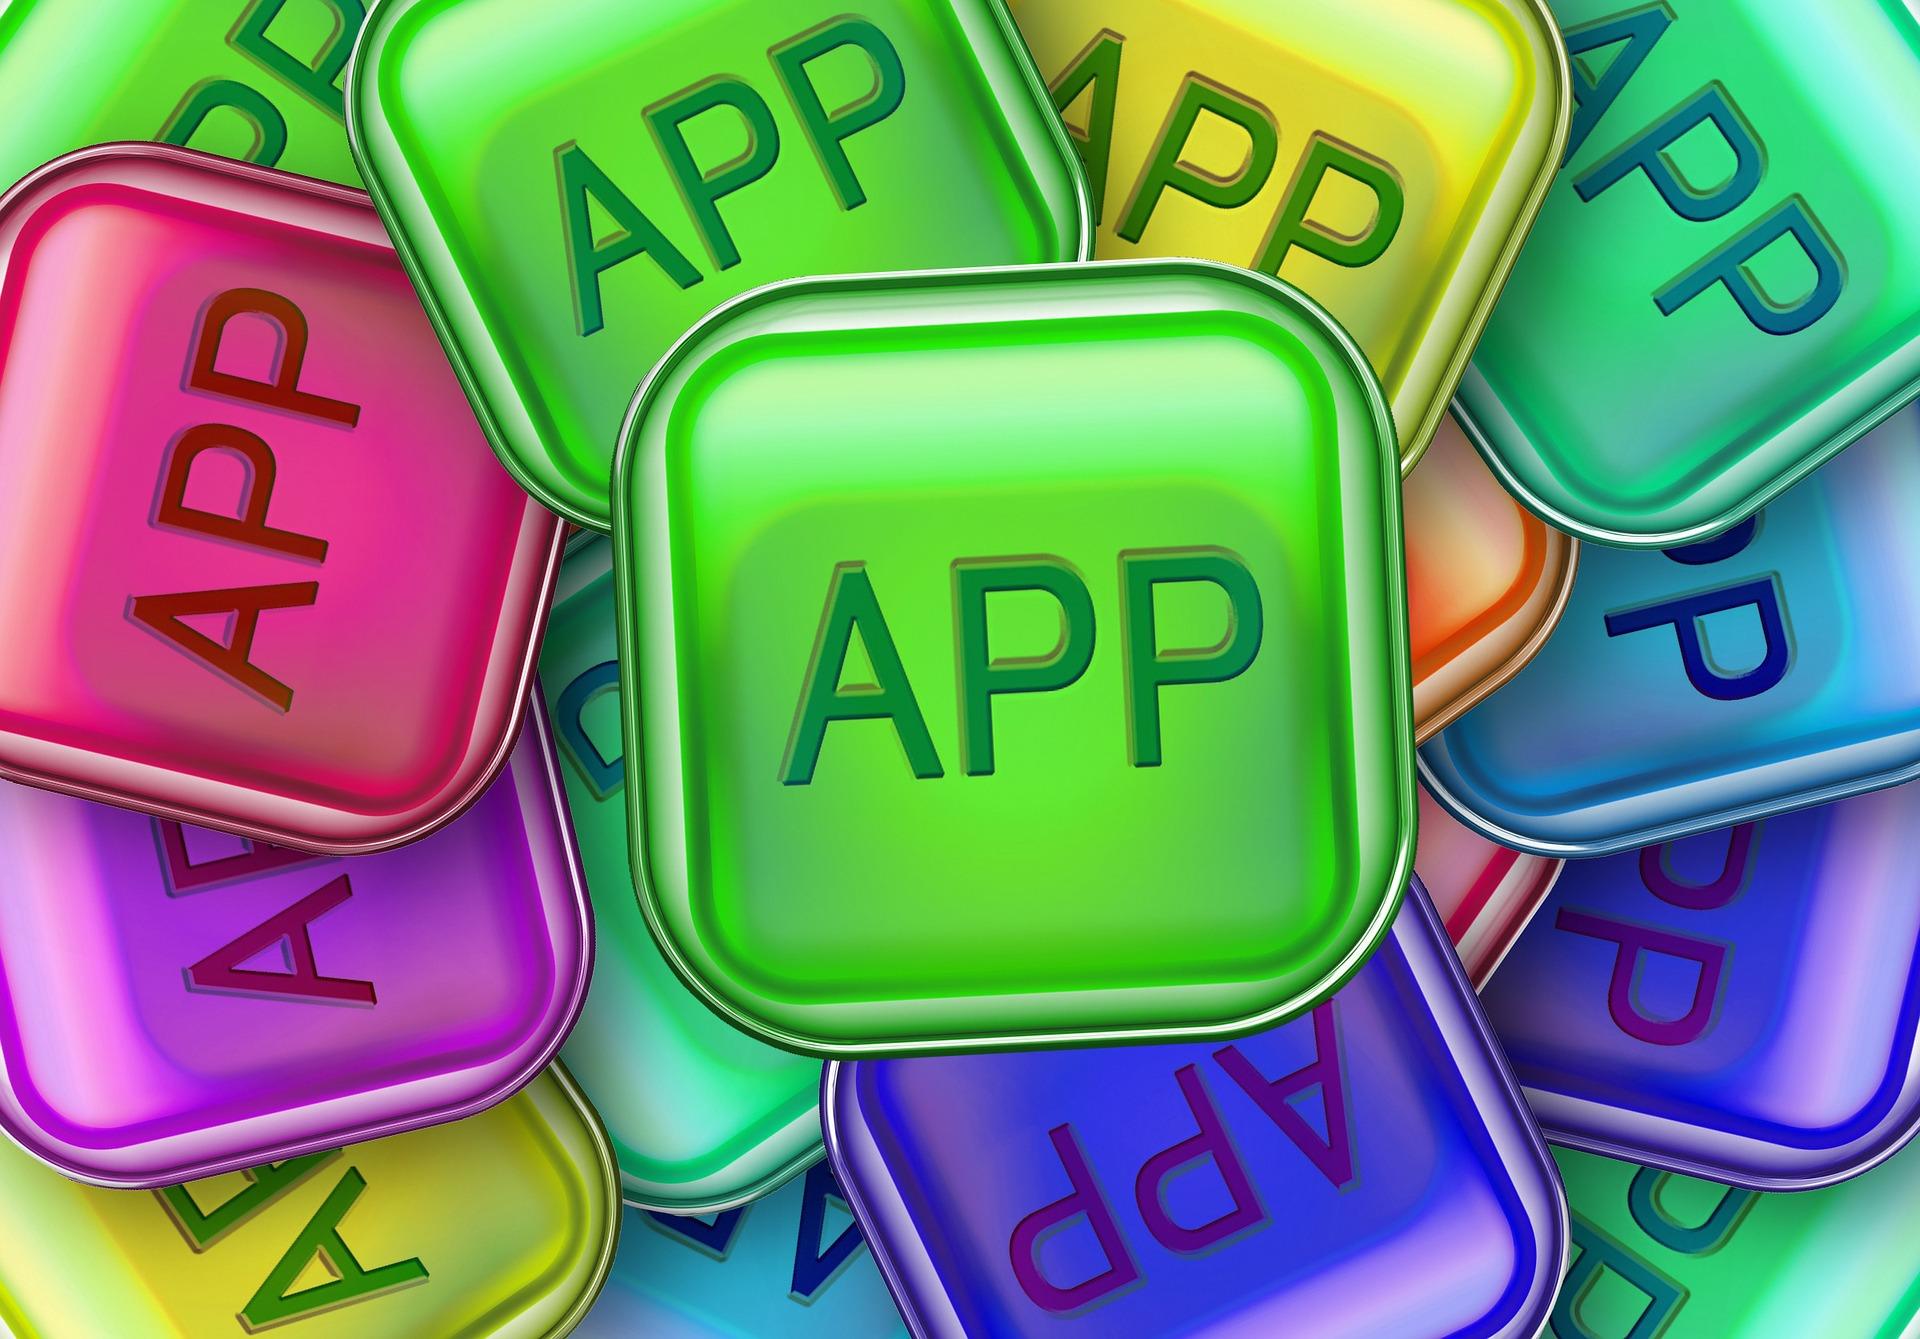 アプリアイコンの重要性